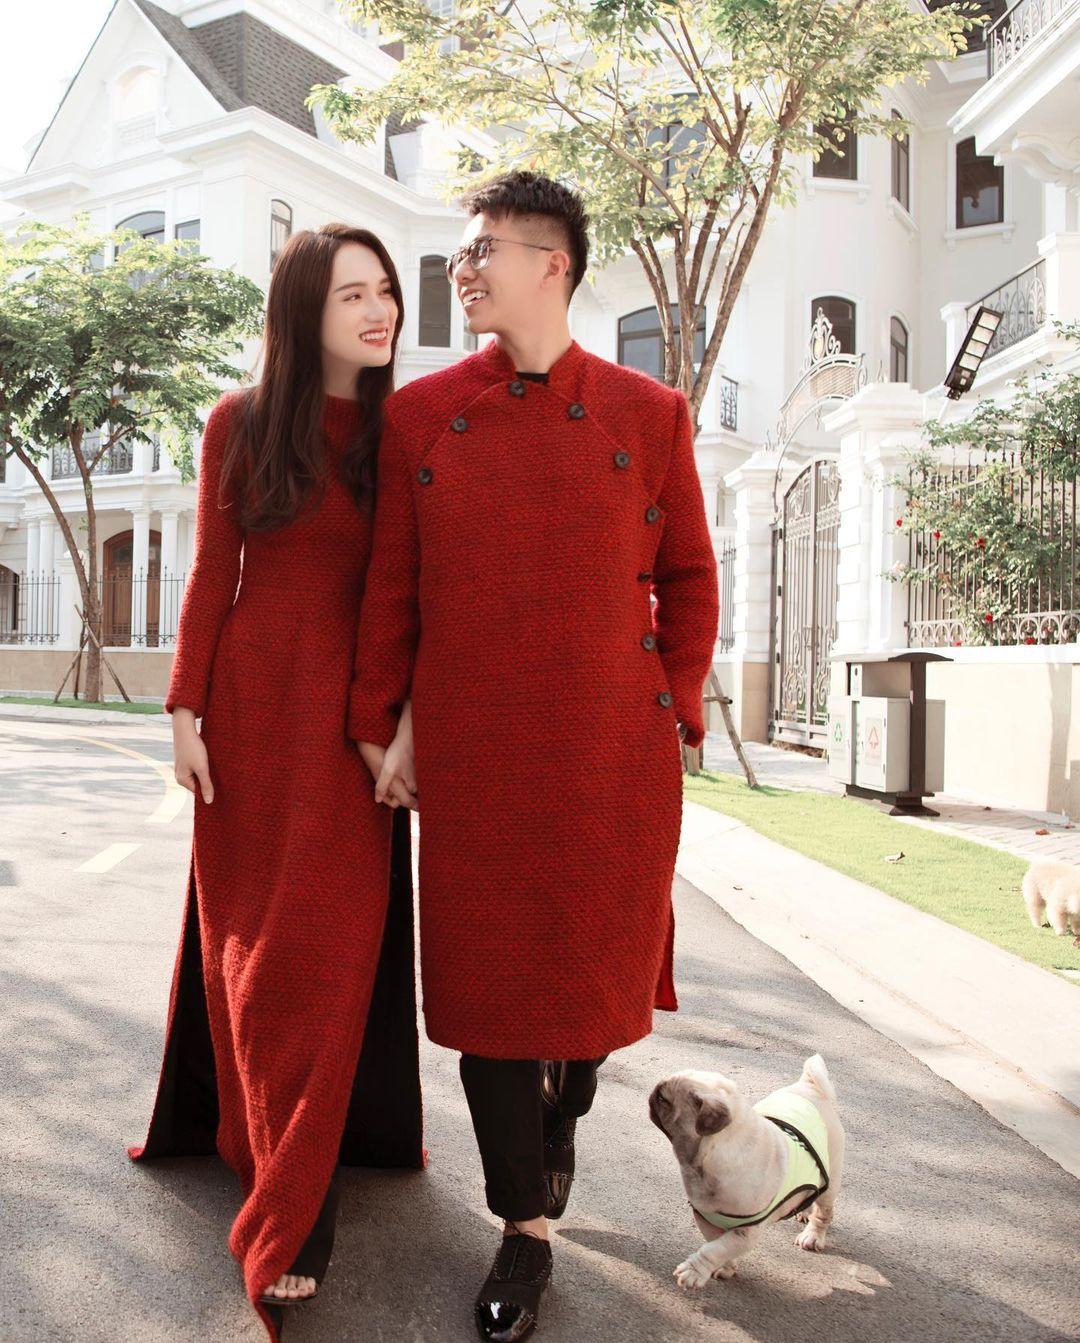 Sao Việt mặc gì mùng 1 Tết: Hương Giang - Matt Liu diện áo dài đôi, Nhã Phương lên đồ vừa trẻ vừa sang - Ảnh 3.